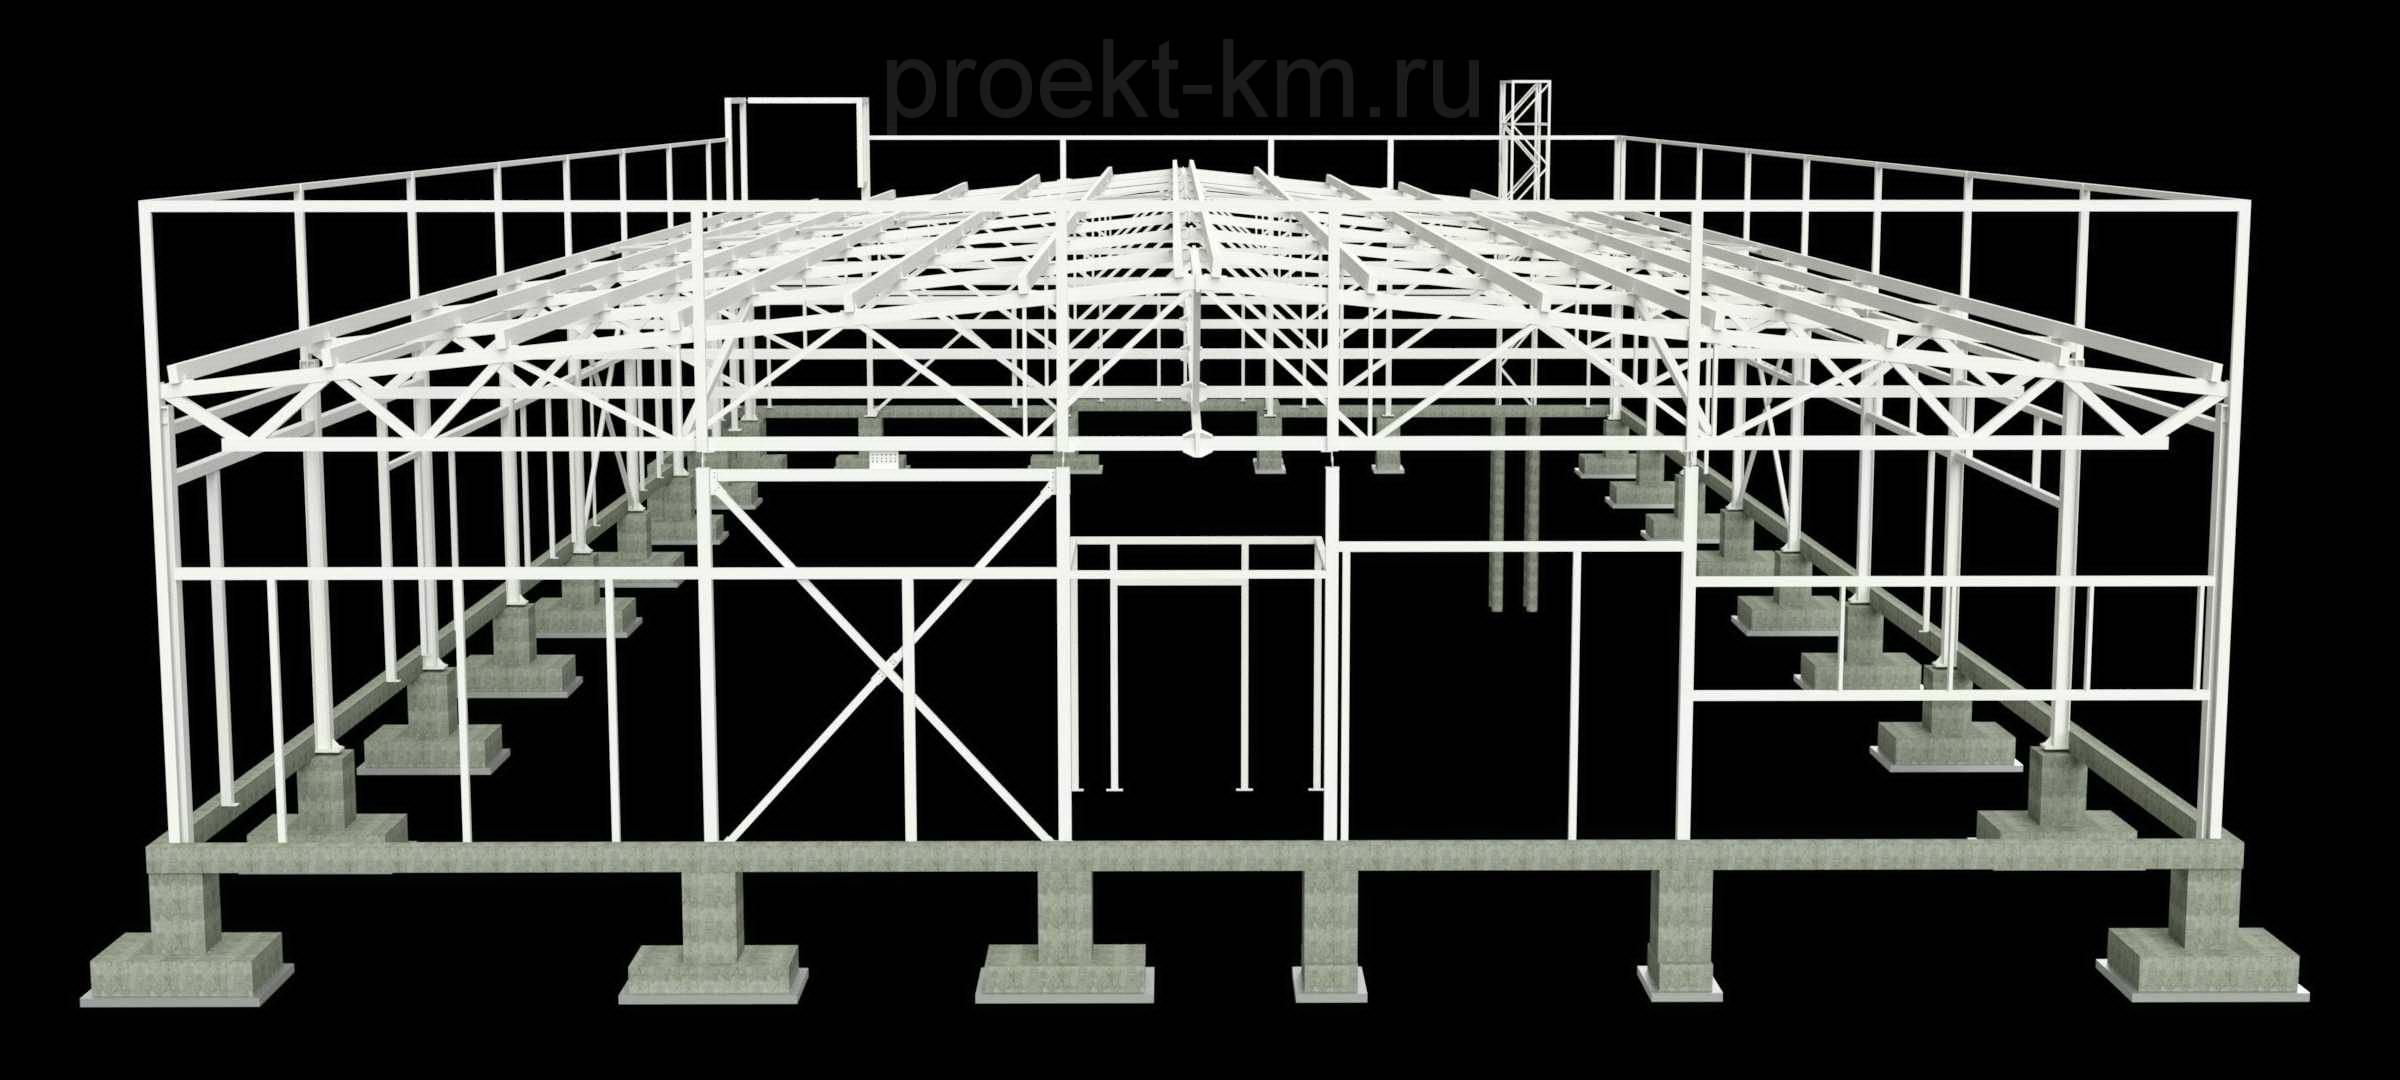 Заказать проект металлоконструкций